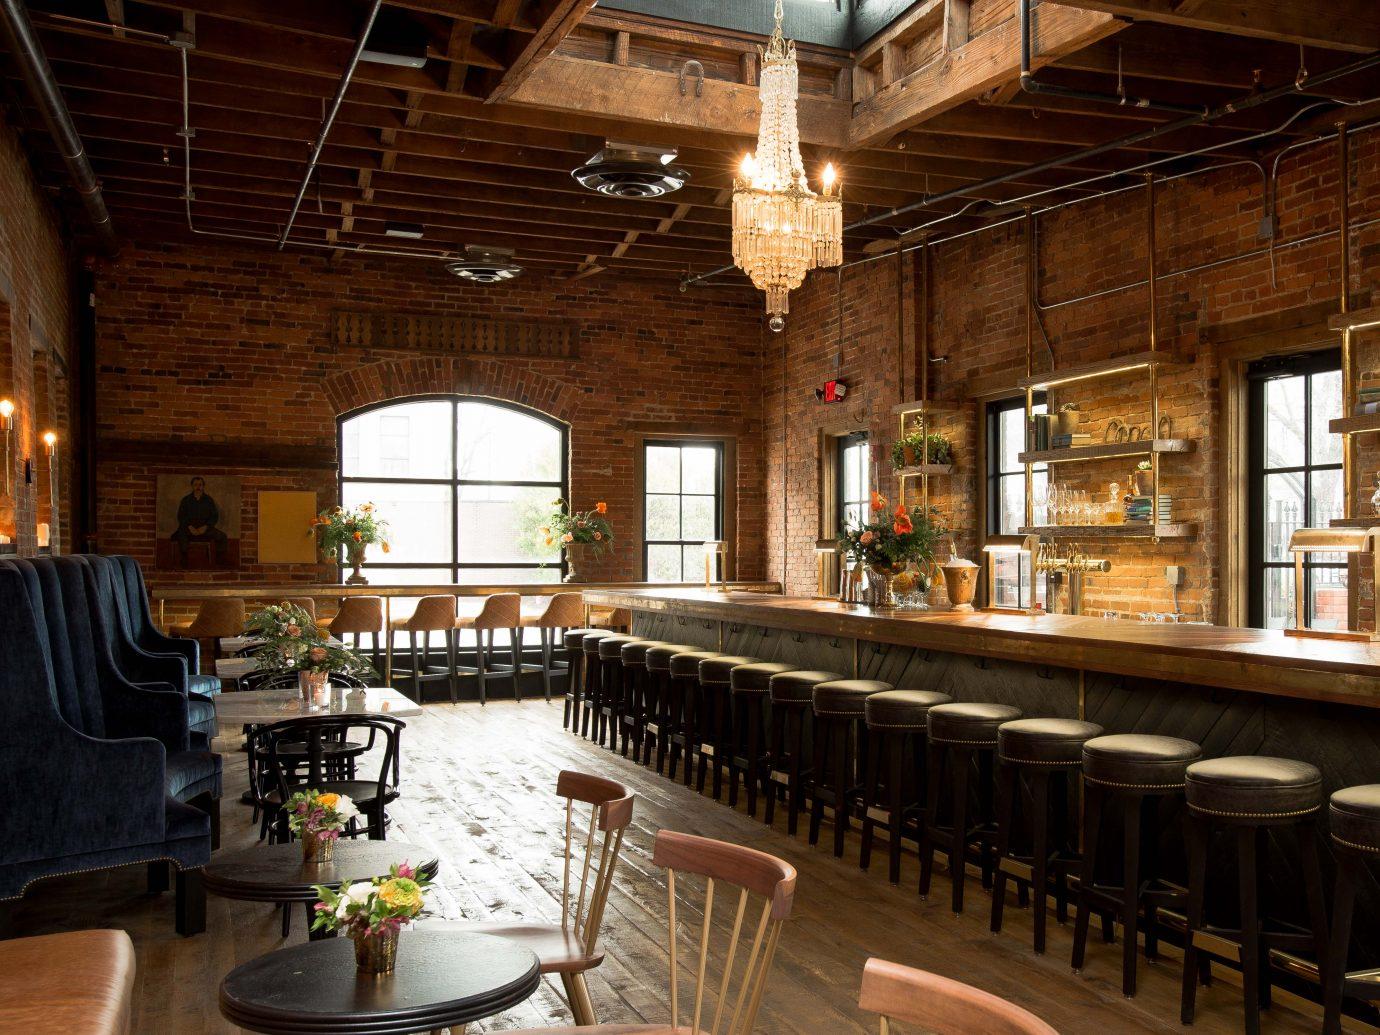 Interior bar area of Geist in Nashville